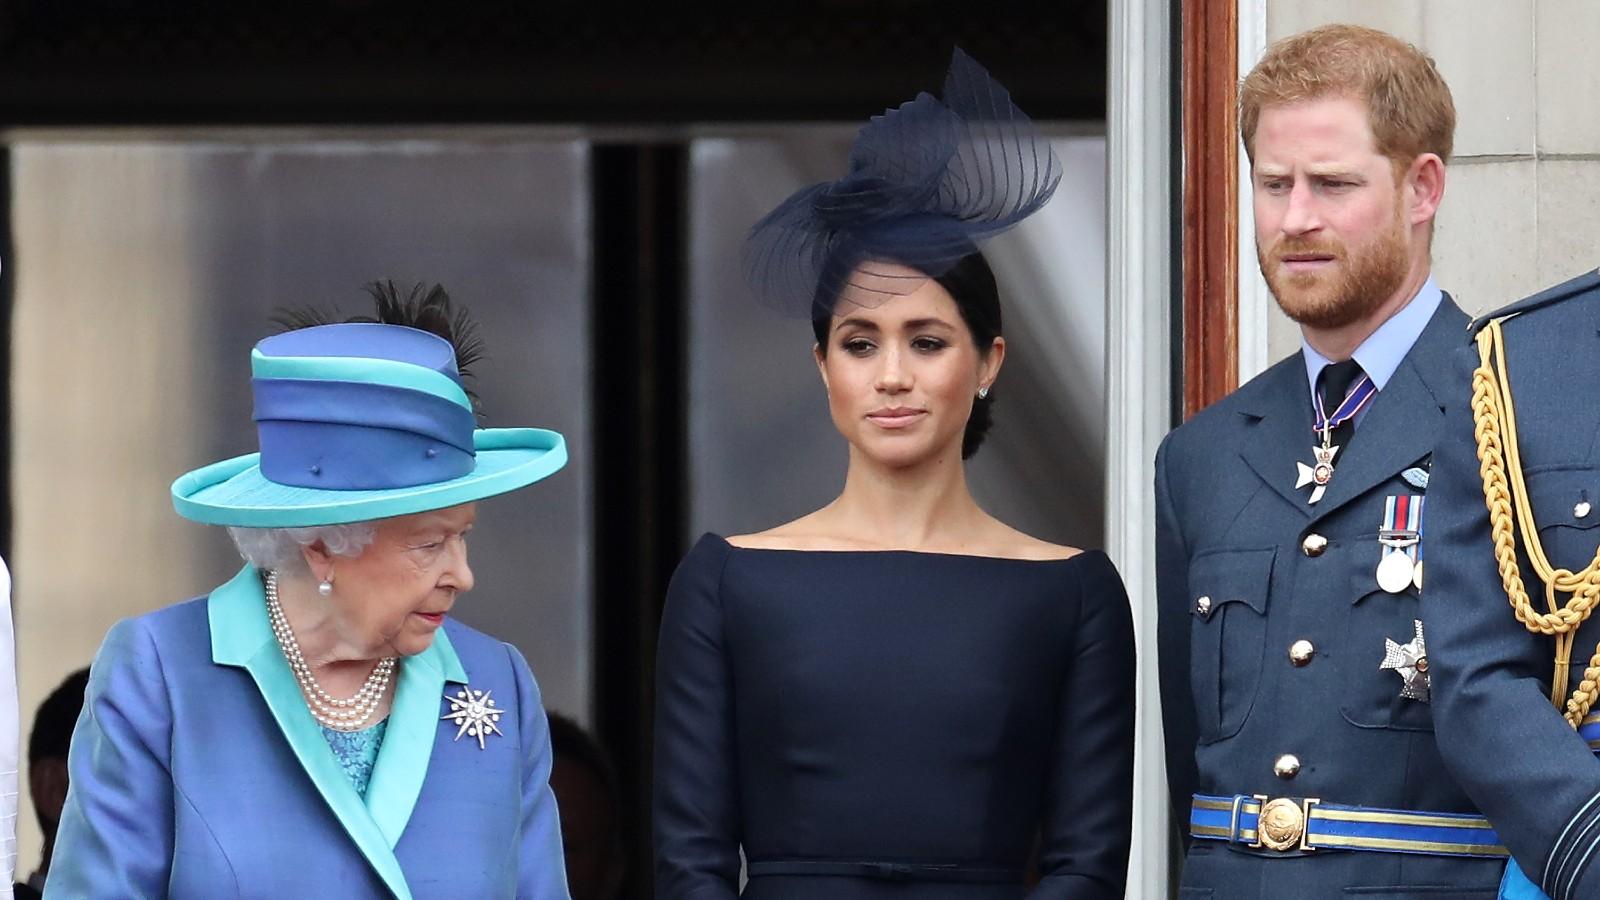 La Reine, Meghan Markle, le Prince Harry au Palais de Buckingham.